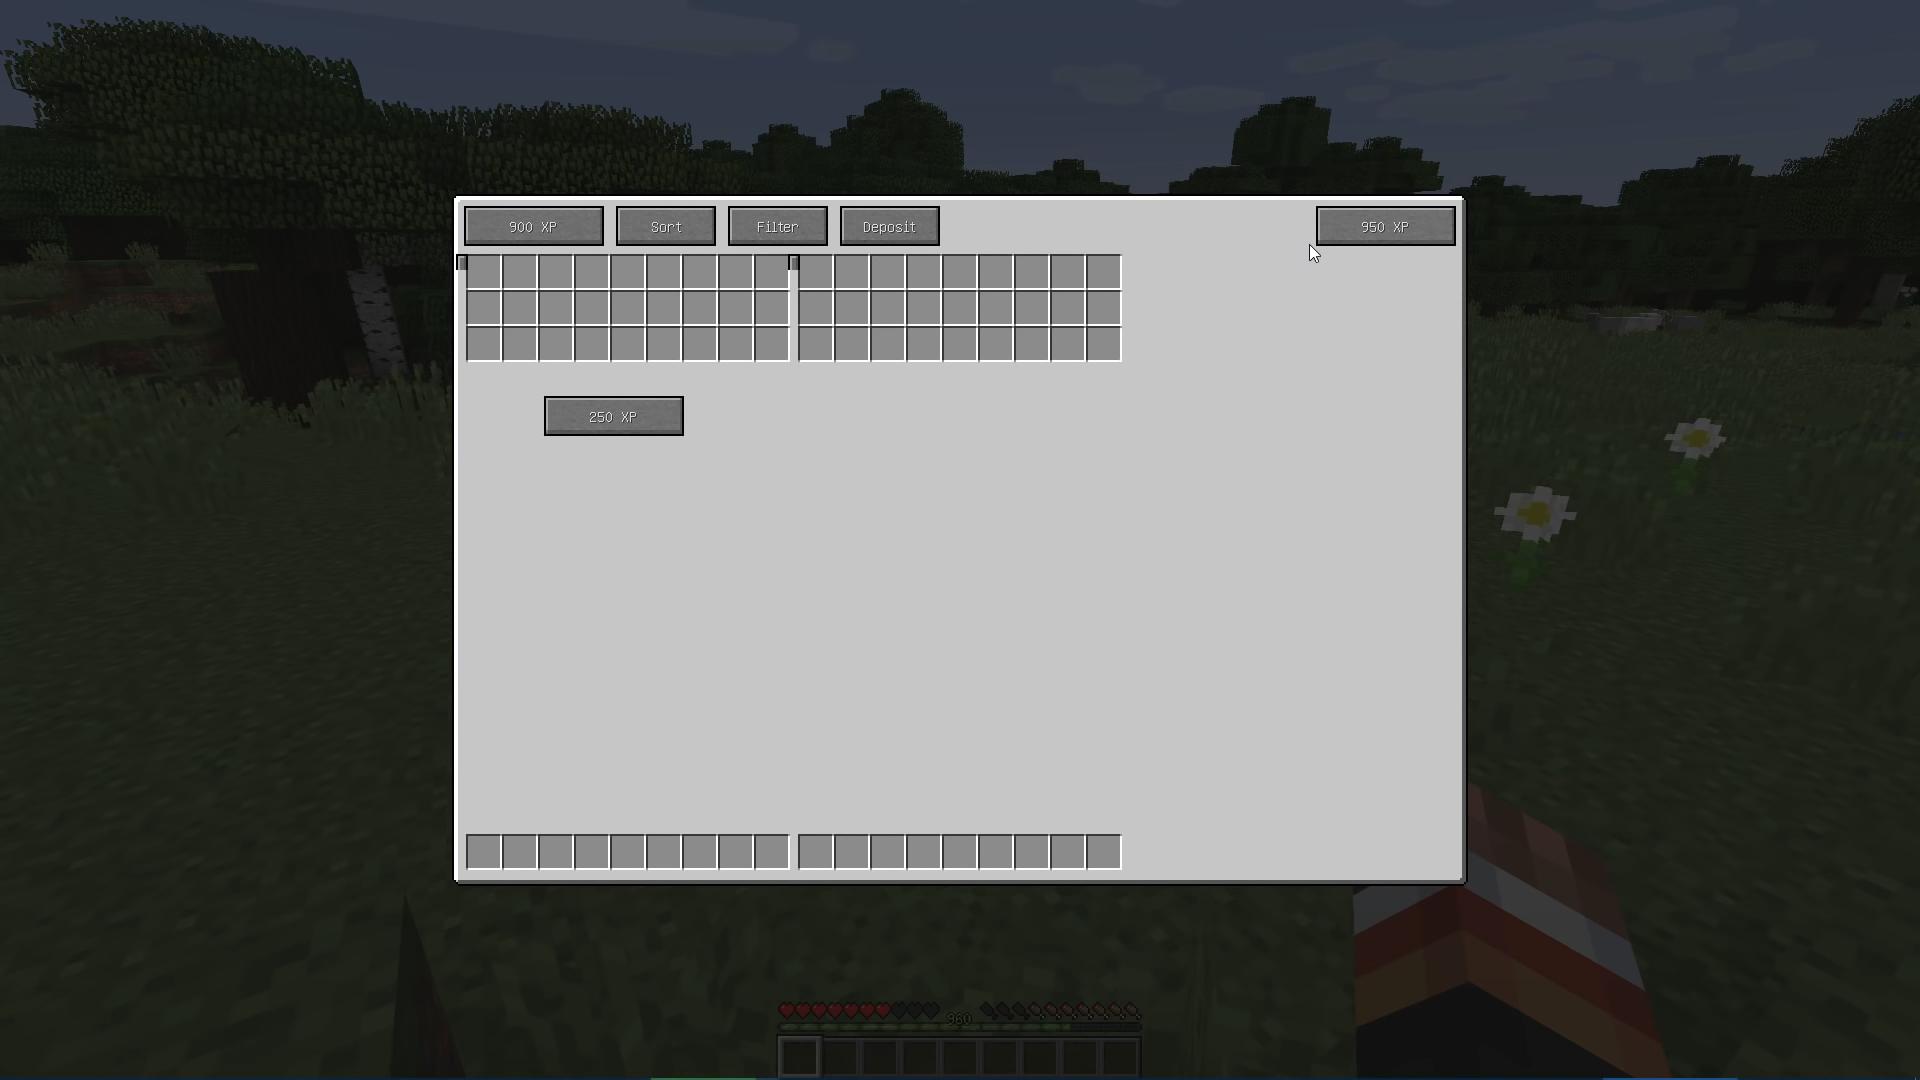 Мод Overpowered Inventory (огромный инвентарь) - скриншот 3